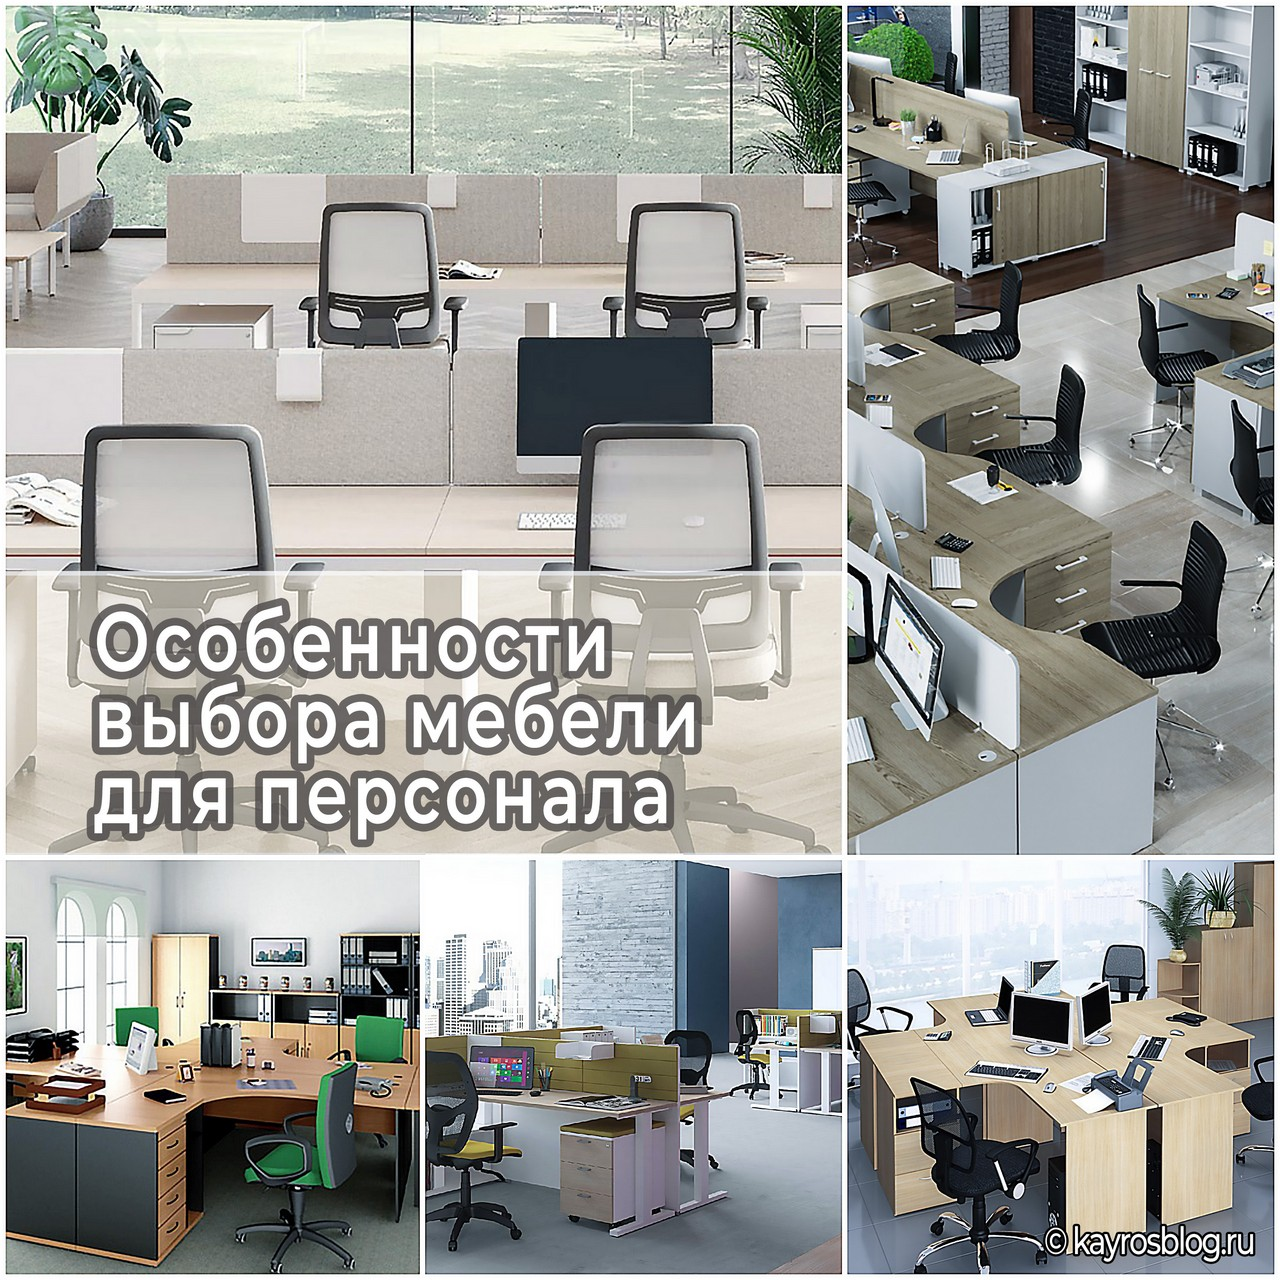 Особенности выбора мебели для персонала